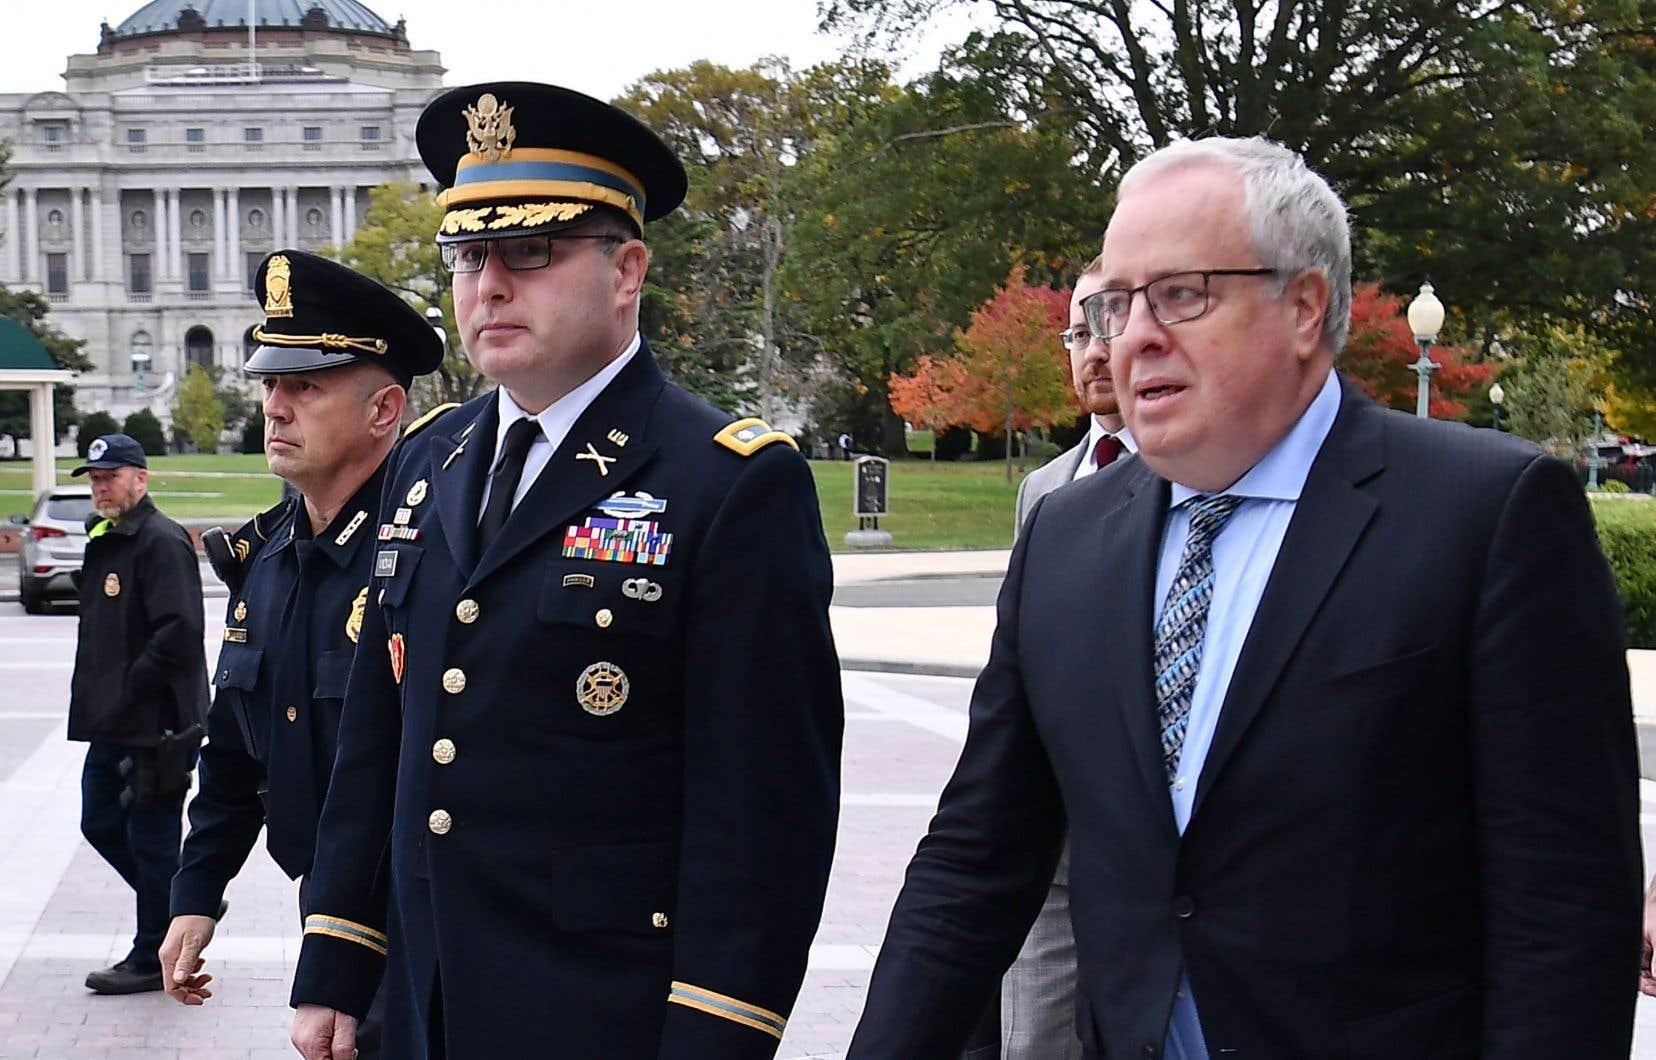 Directeur des affaires européennes au sein du Conseil de sécurité nationale, le lieutenant-colonel Alexander Vindman a témoigné mardi devant le Congrès américain.